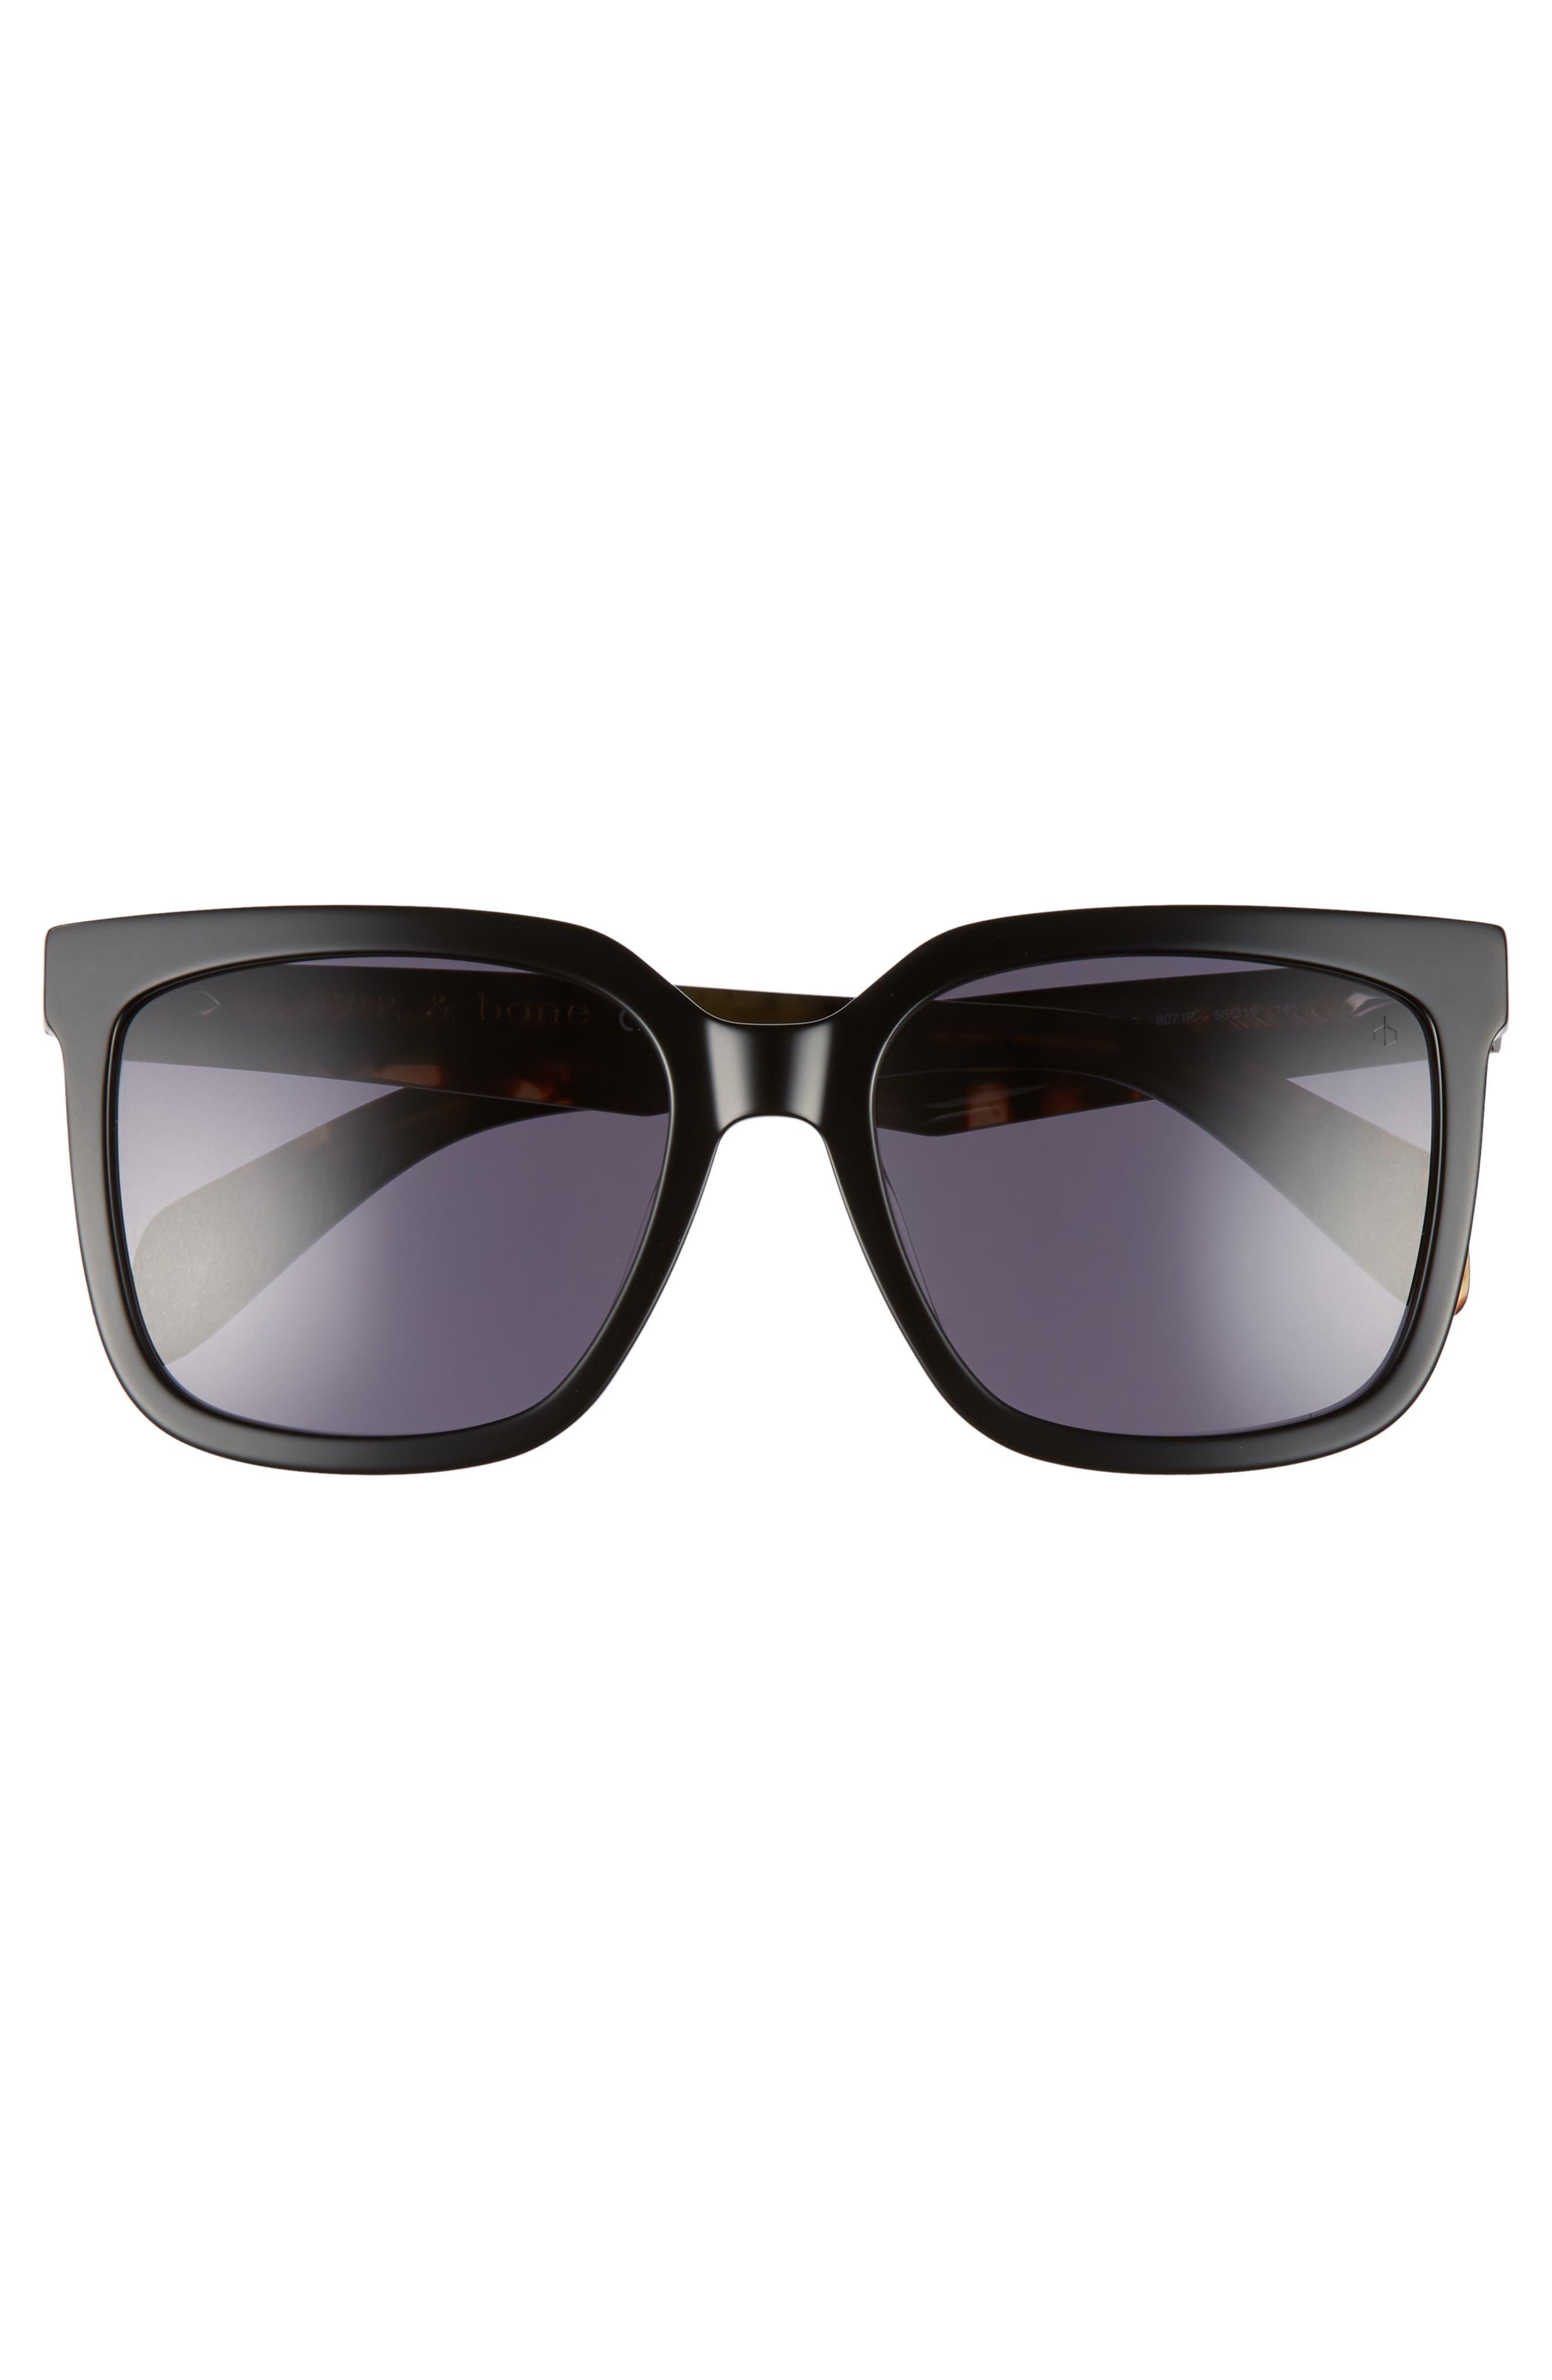 56mm Square Sunglasses,                             Alternate thumbnail 3, color,                             BLACK